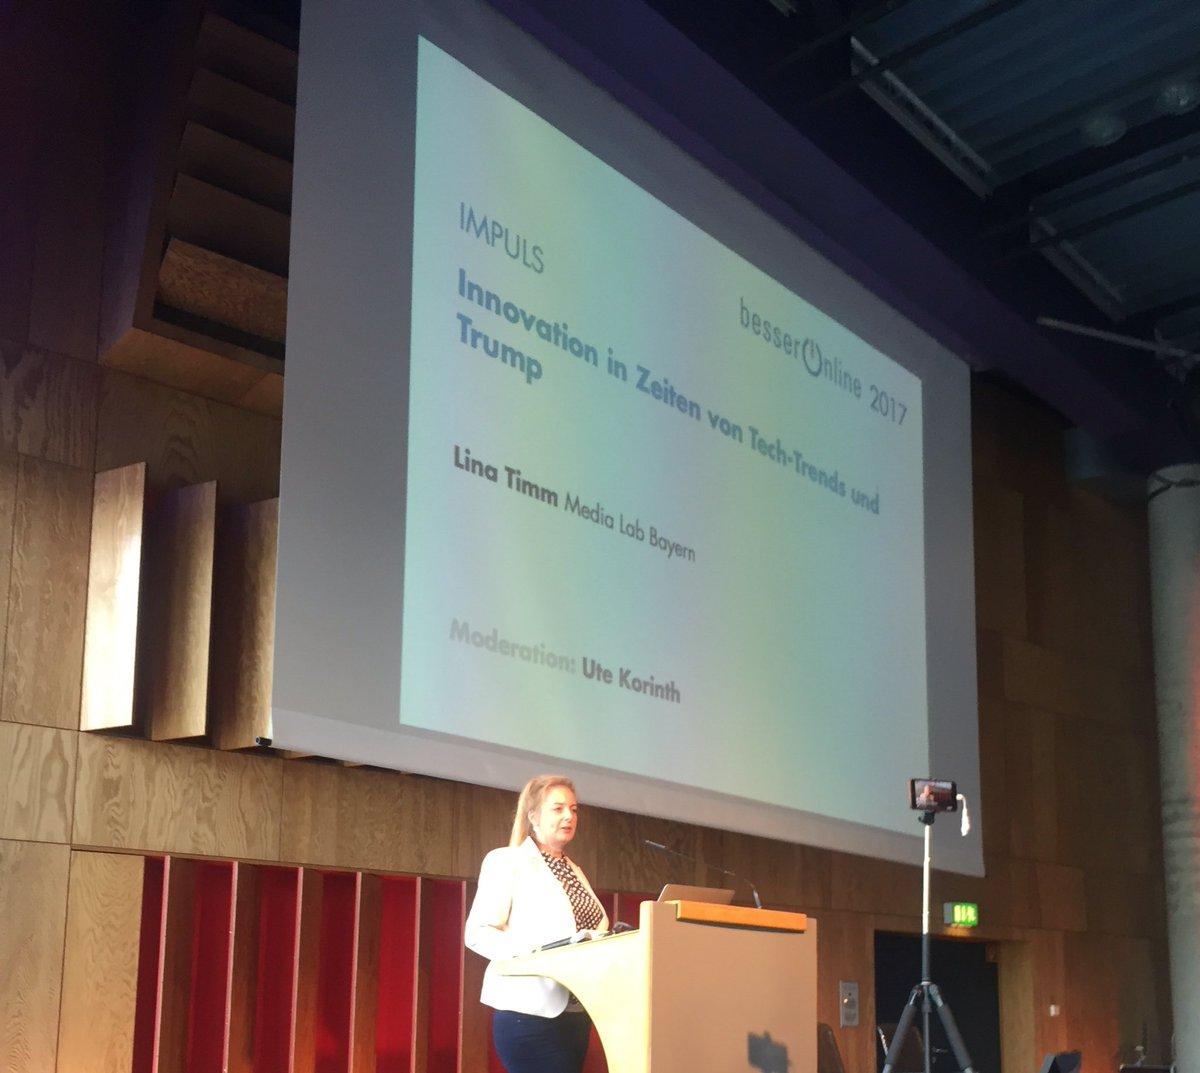 Livestream der #djvbo Keynote von @Luisante zu medialen Innovationen g...